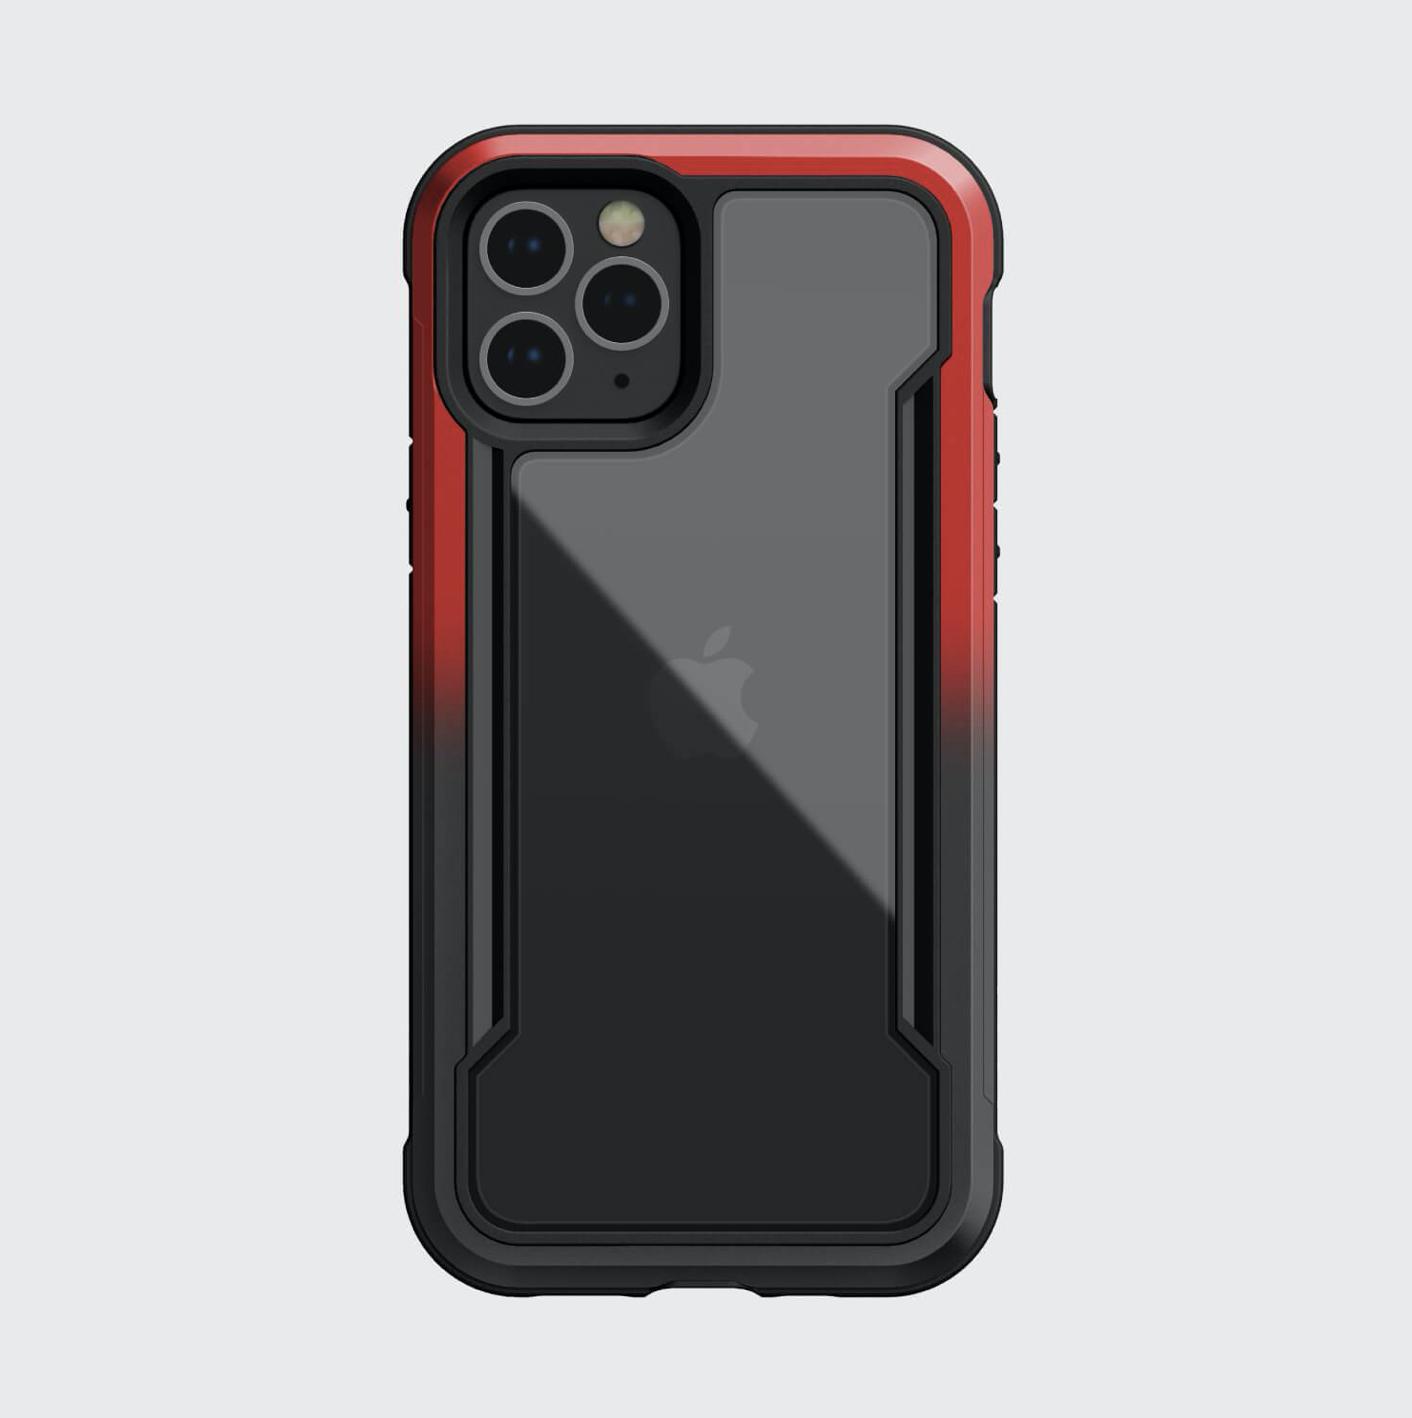 Estuche XDORIA Raptic Shield Negro / Rojo IPHONE 12 MINI 5.4